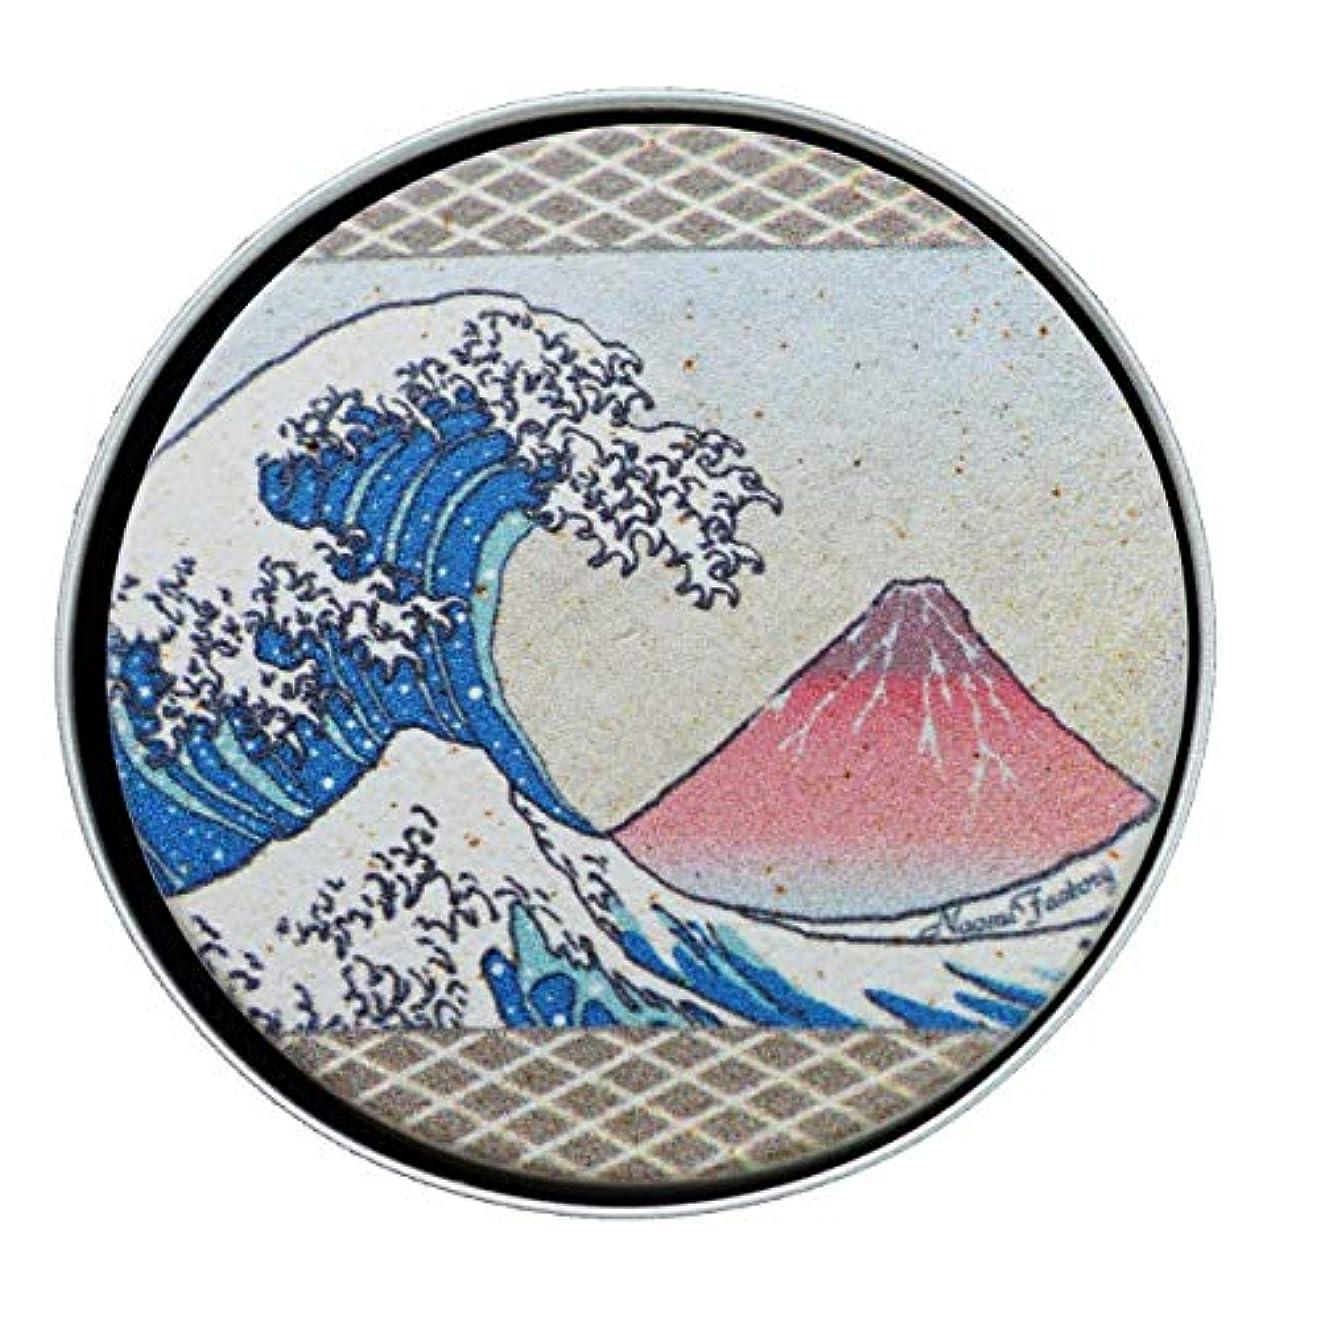 船ホース床を掃除する【天使のアロマプレート】 浮世絵 浪と赤富士(珪藻土 吸収力抜群 持ち運べる 日本製)